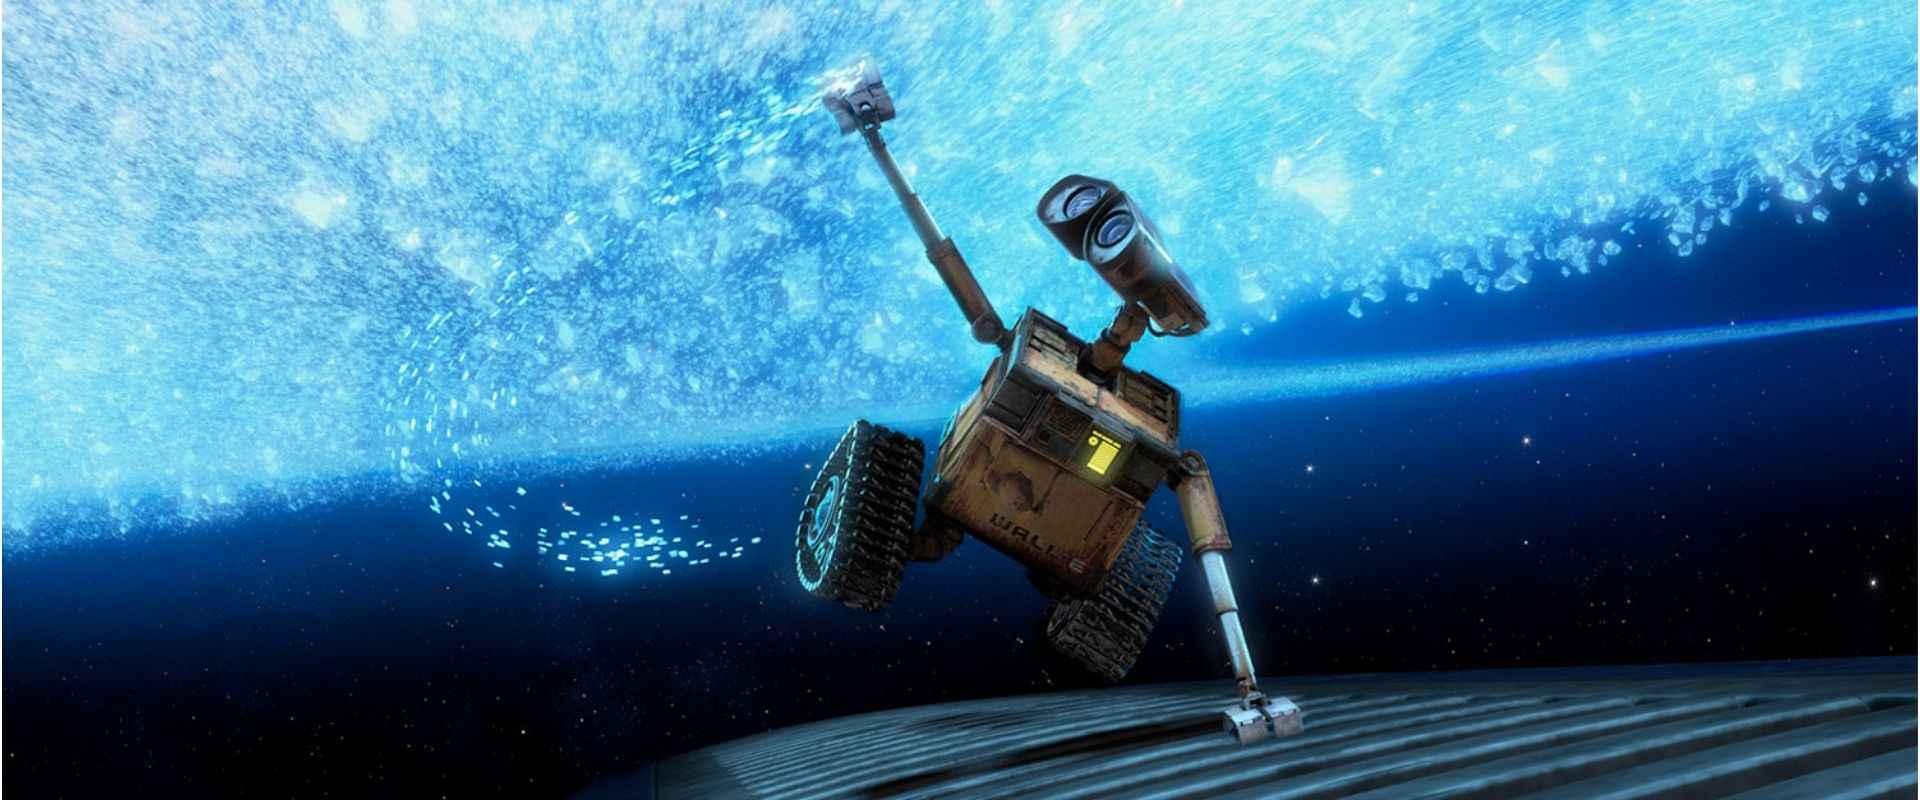 WALL-E (2008) - Pixar